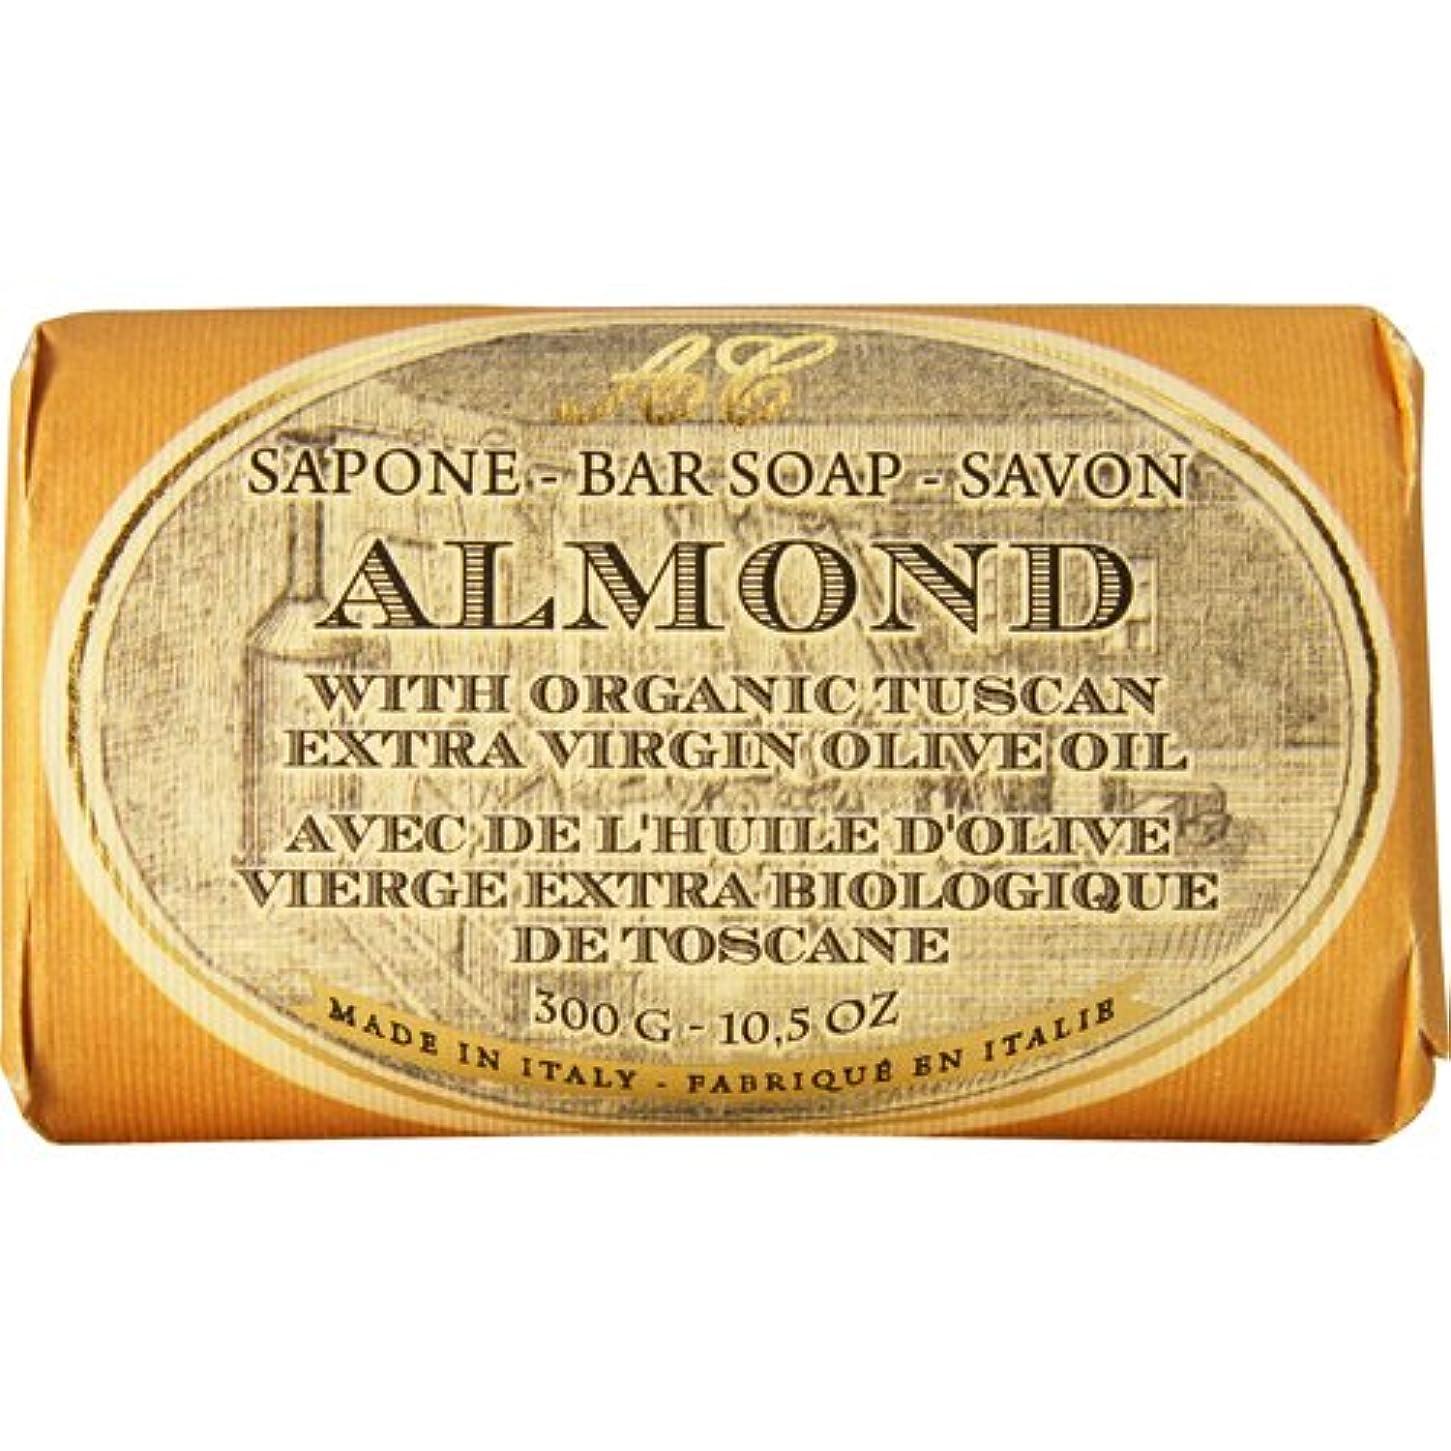 一生連続的誘導Saponerire Fissi レトロシリーズ Bar Soap バーソープ 300g Almond アーモンドオイル